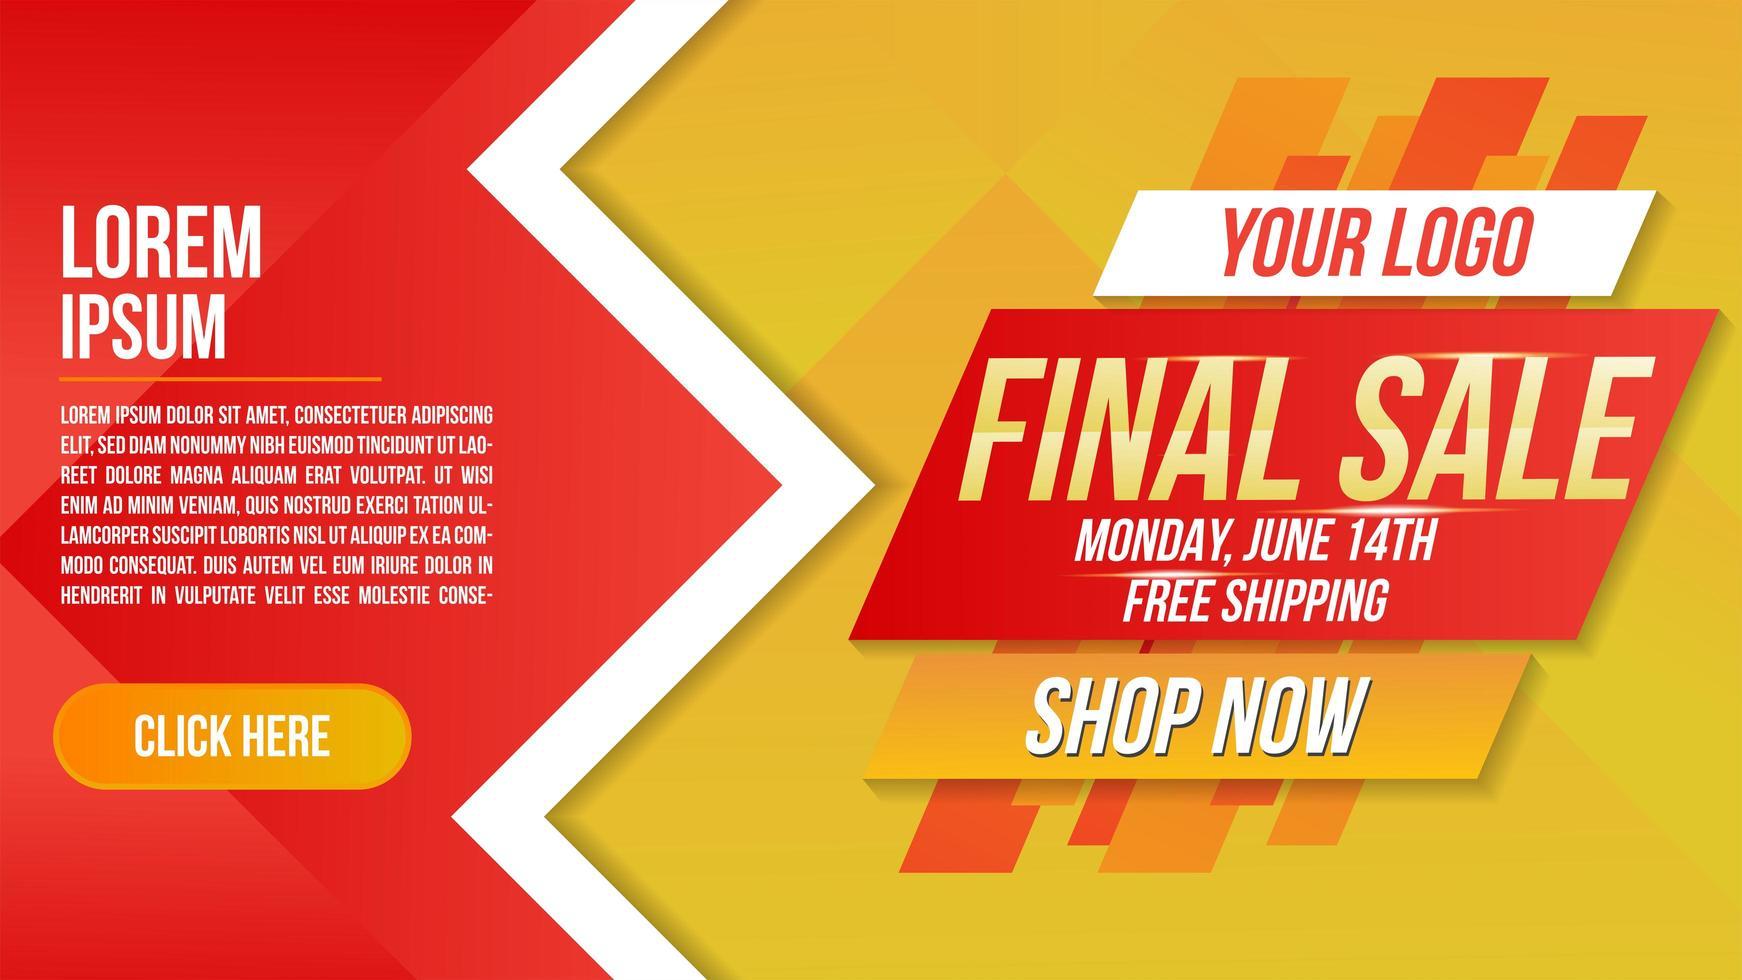 banner di vendita finale di design ad angolo in rosso e giallo vettore